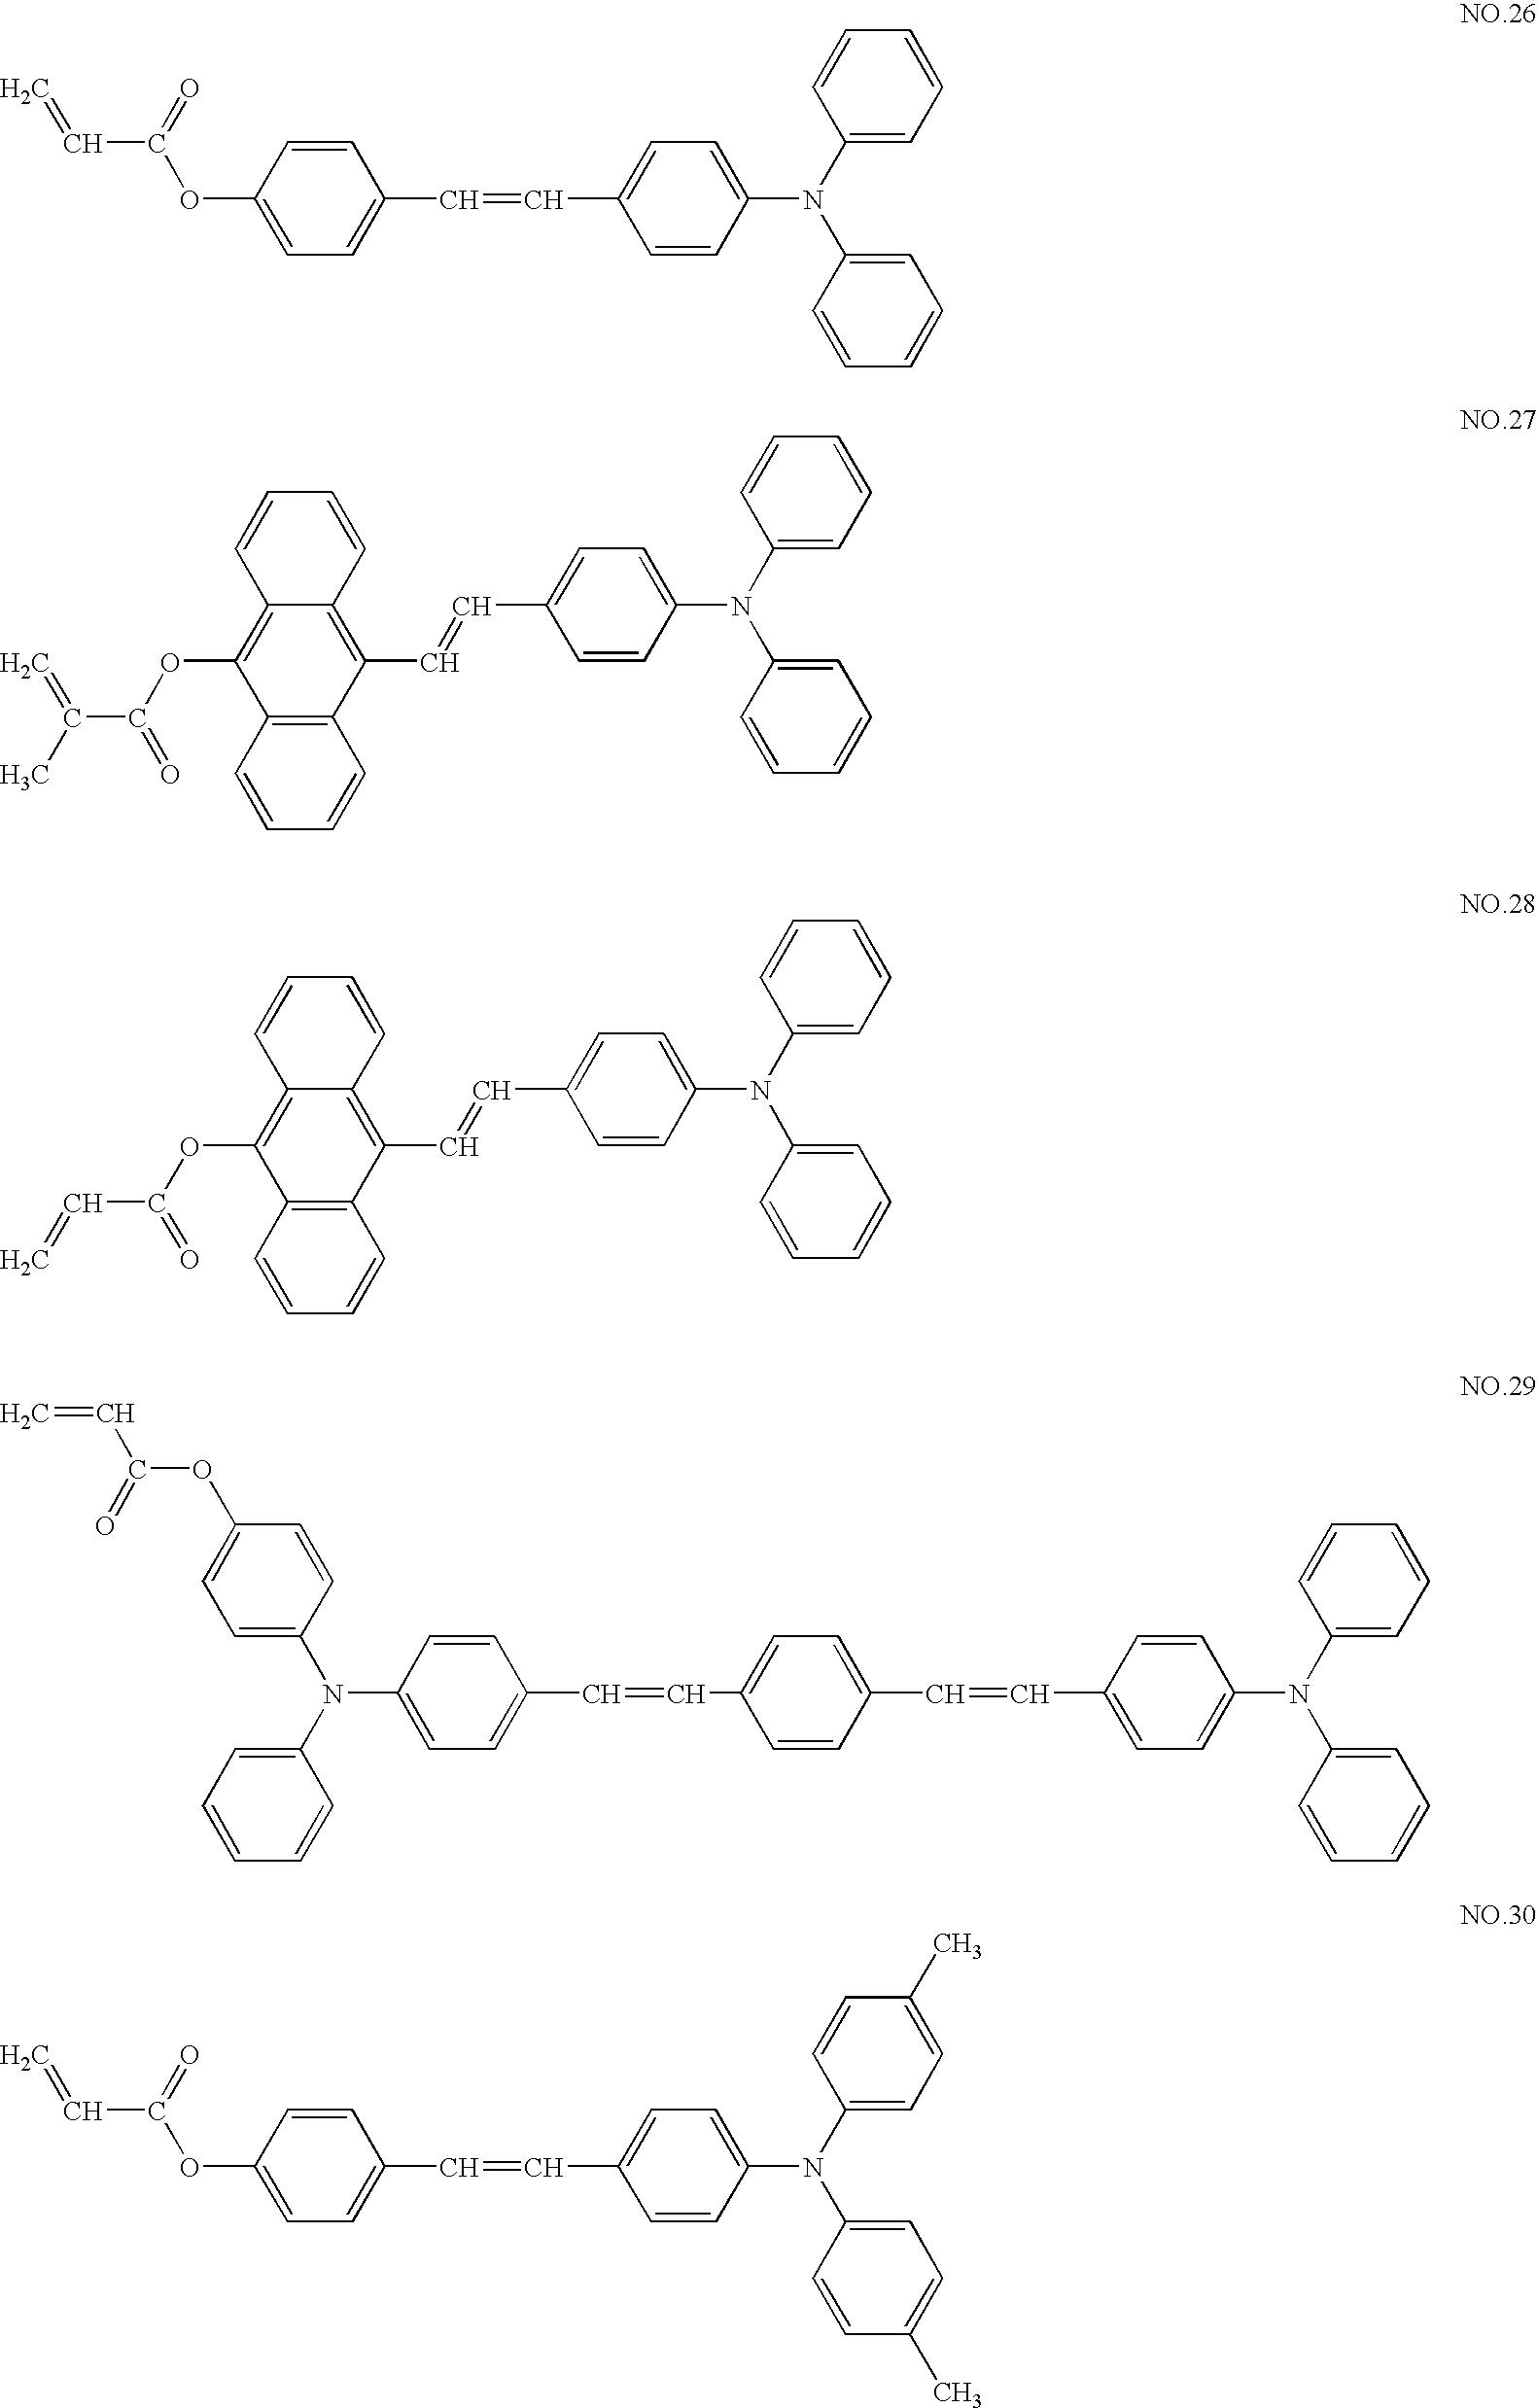 Figure US20070031746A1-20070208-C00016